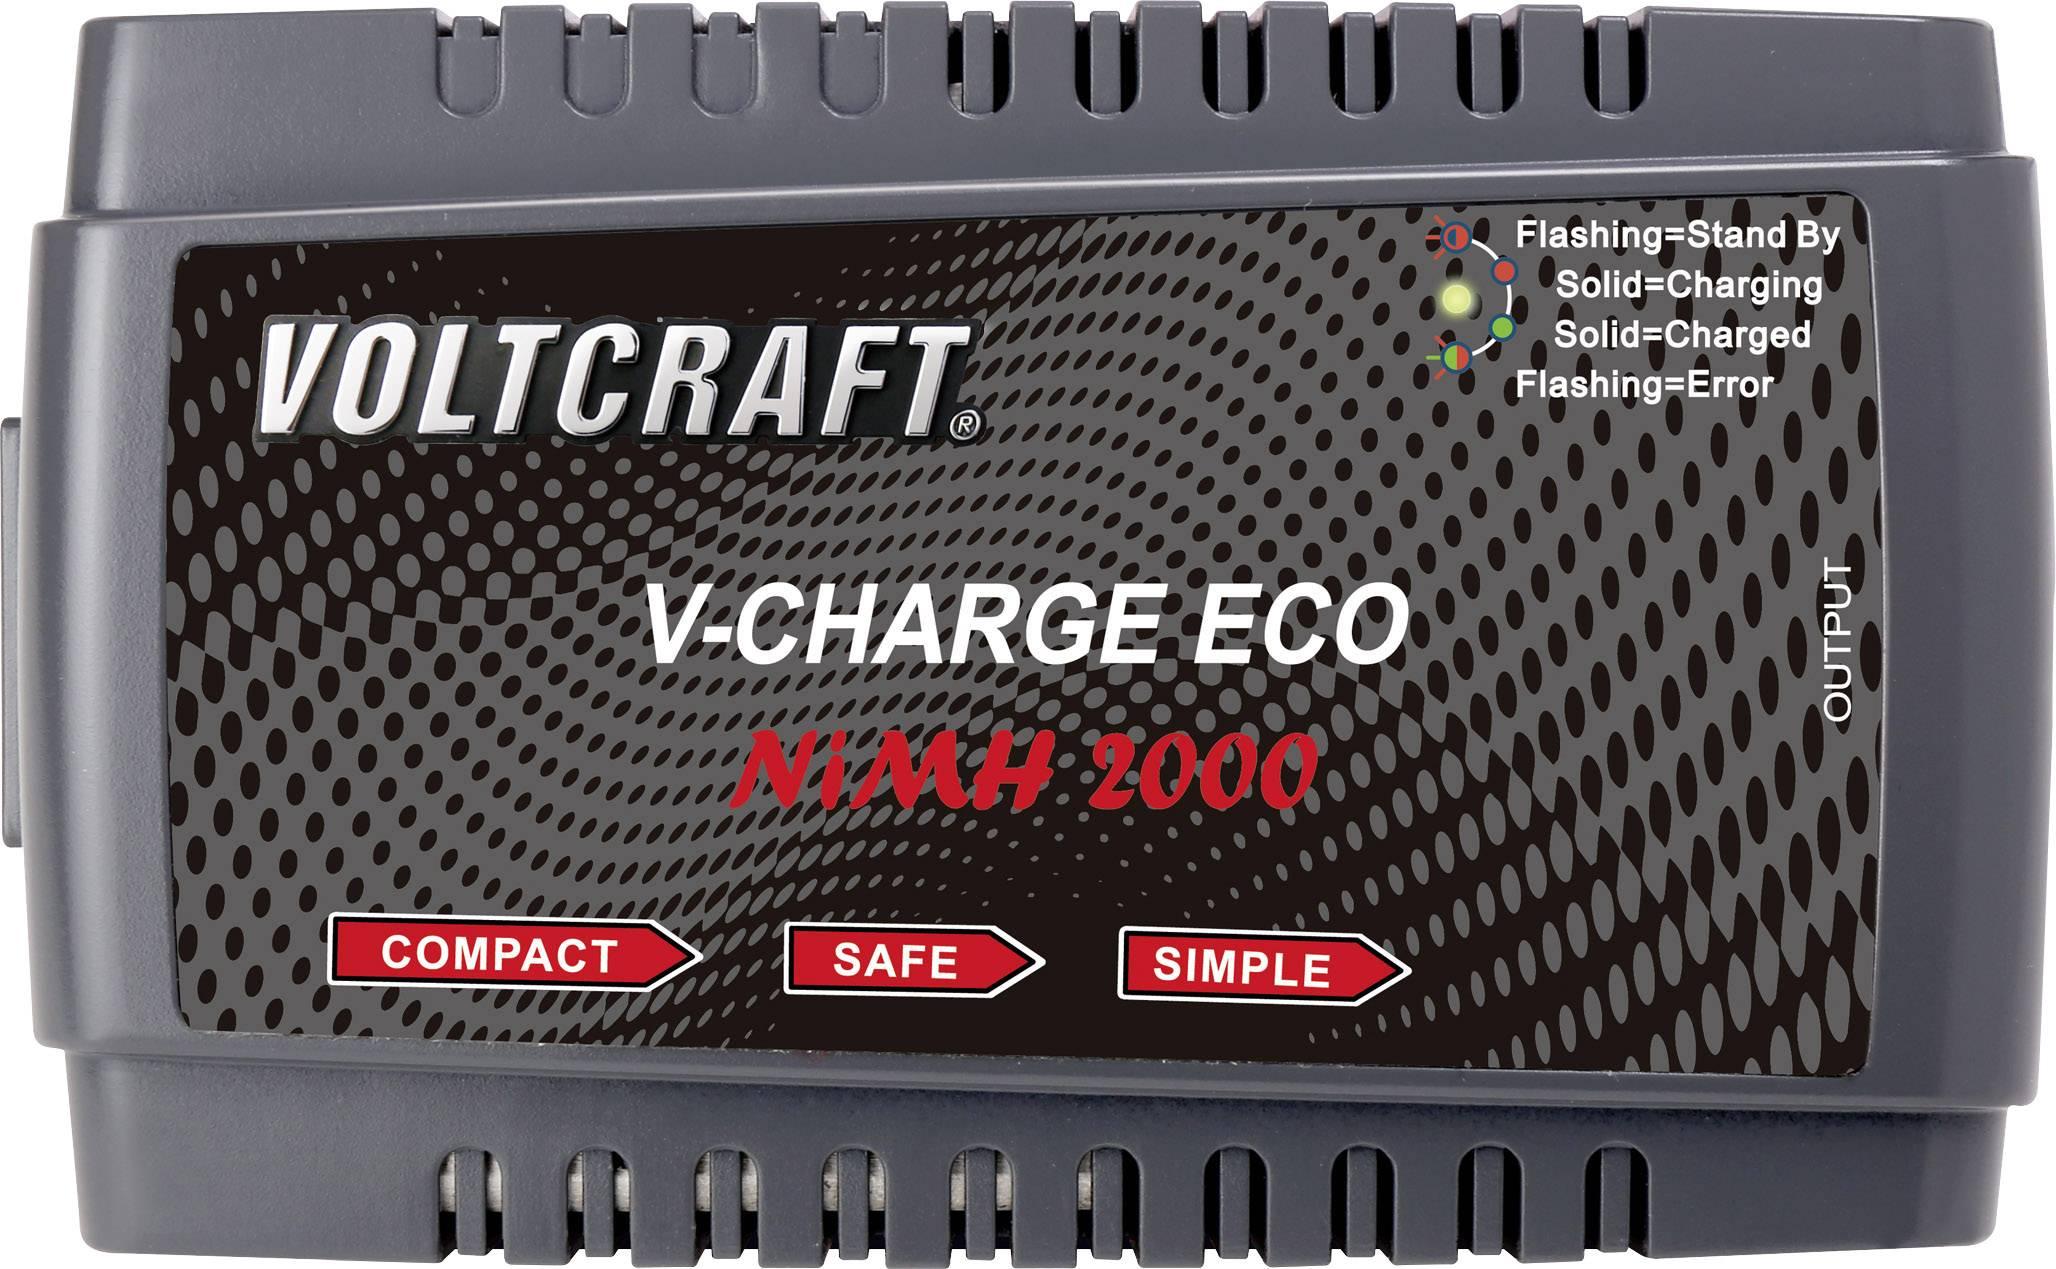 Modelárska nabíjačka NiMH Voltcraft V-Charge Eco NiMh 2000, 230 V, 2 A